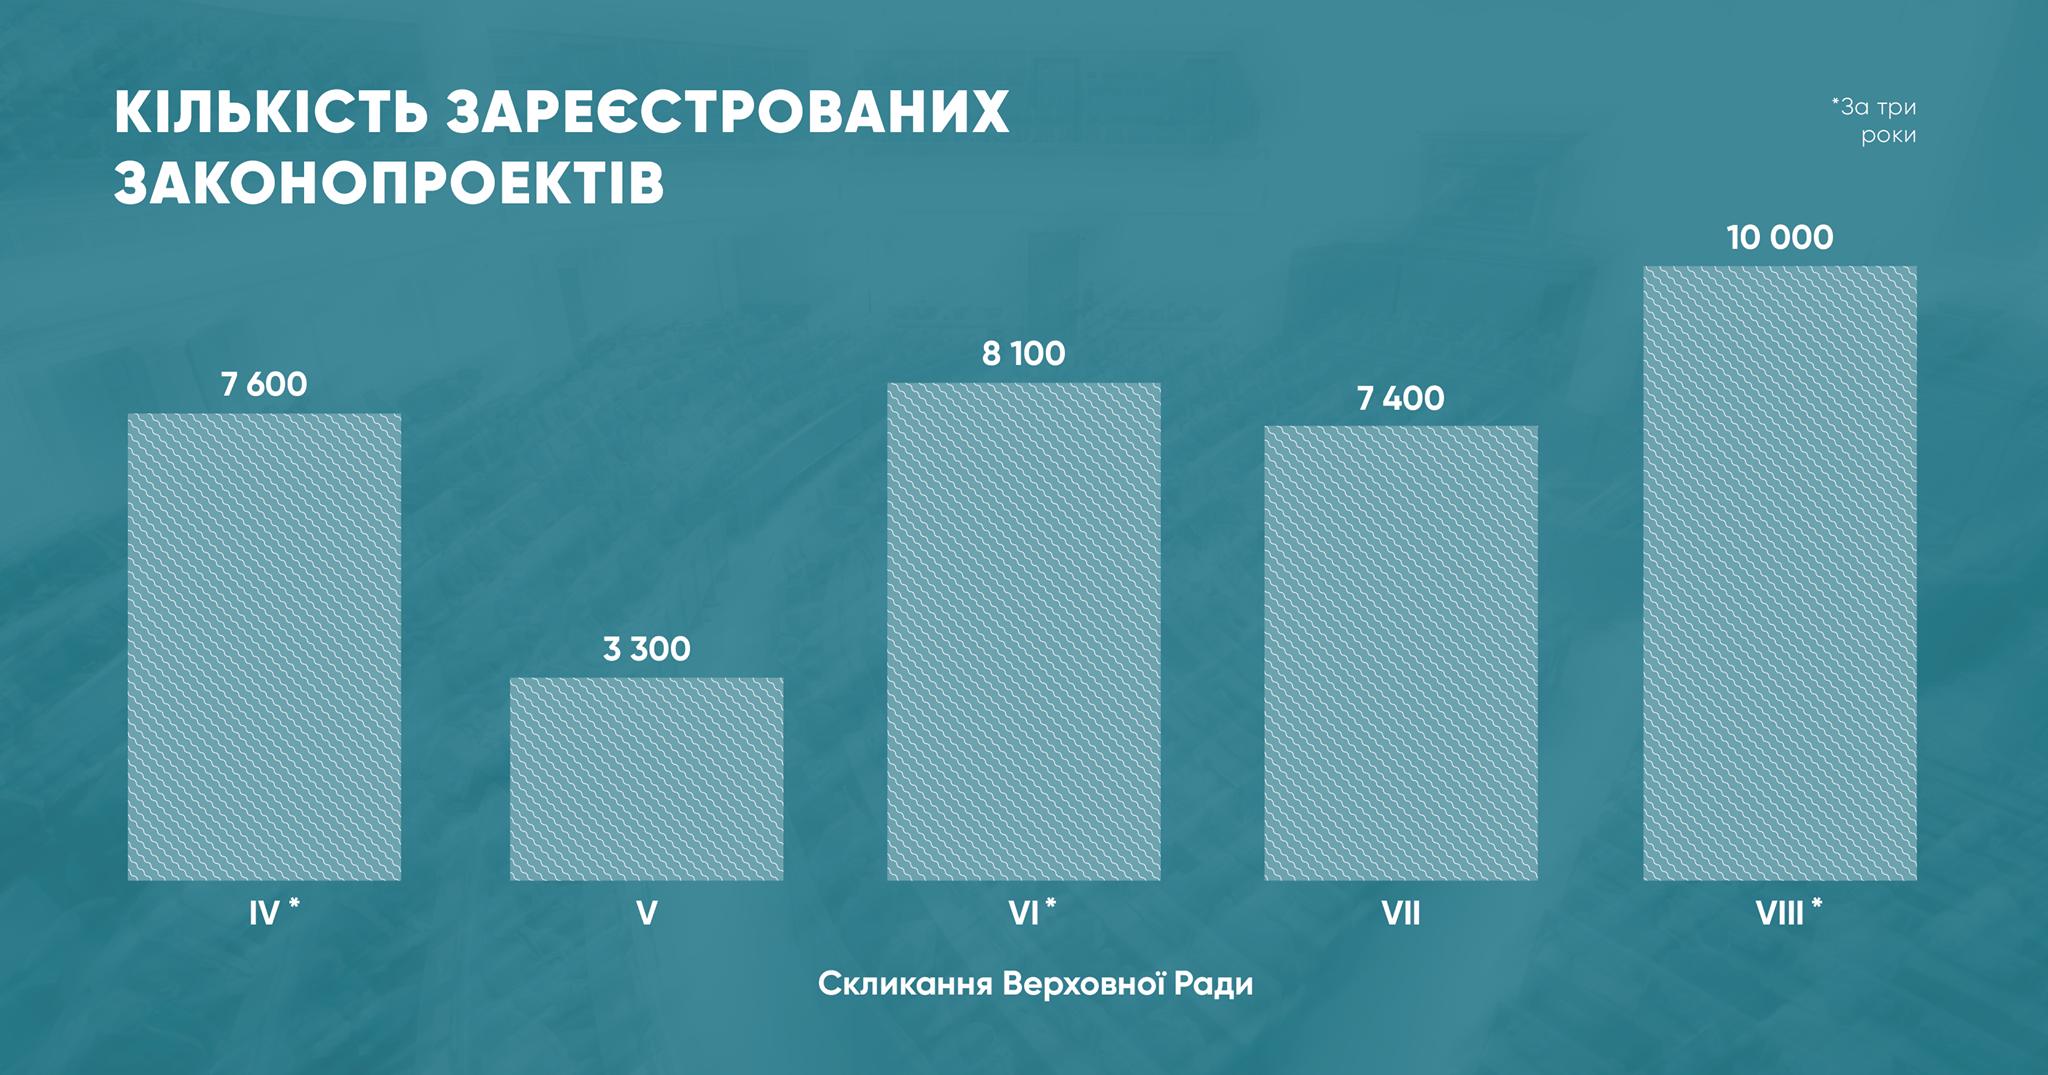 Рада 8-го созыва побила рекорд по числу поданных законопроектов